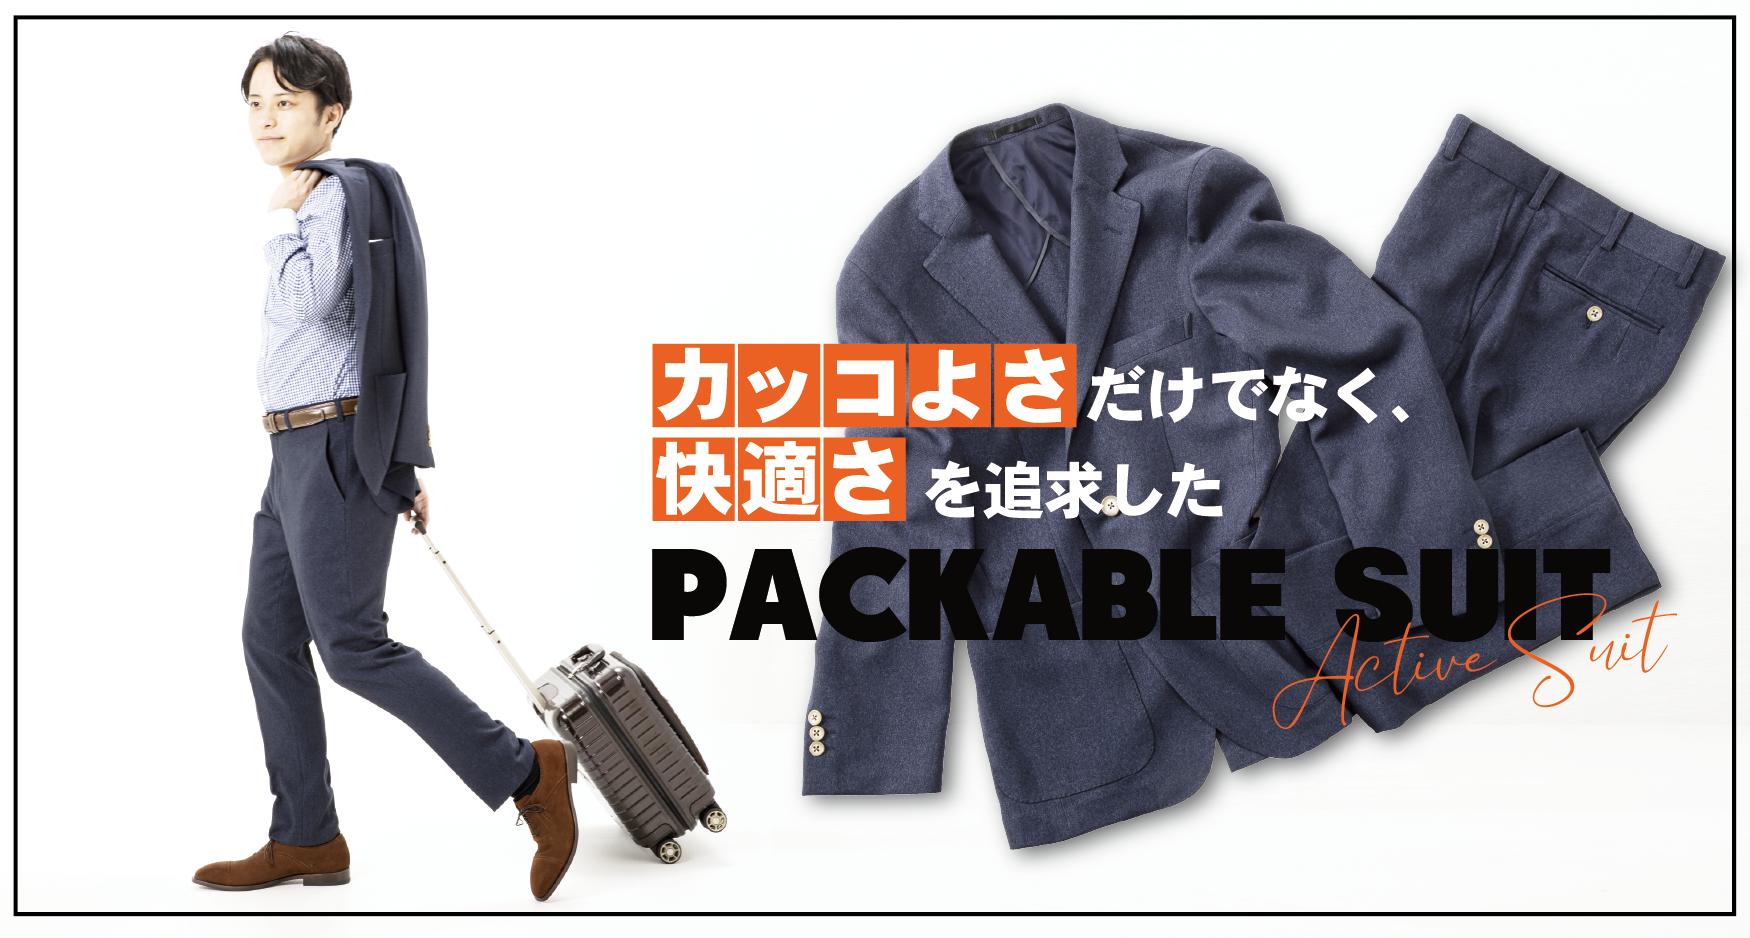 クラシカル感を再現したパッカブルスーツ